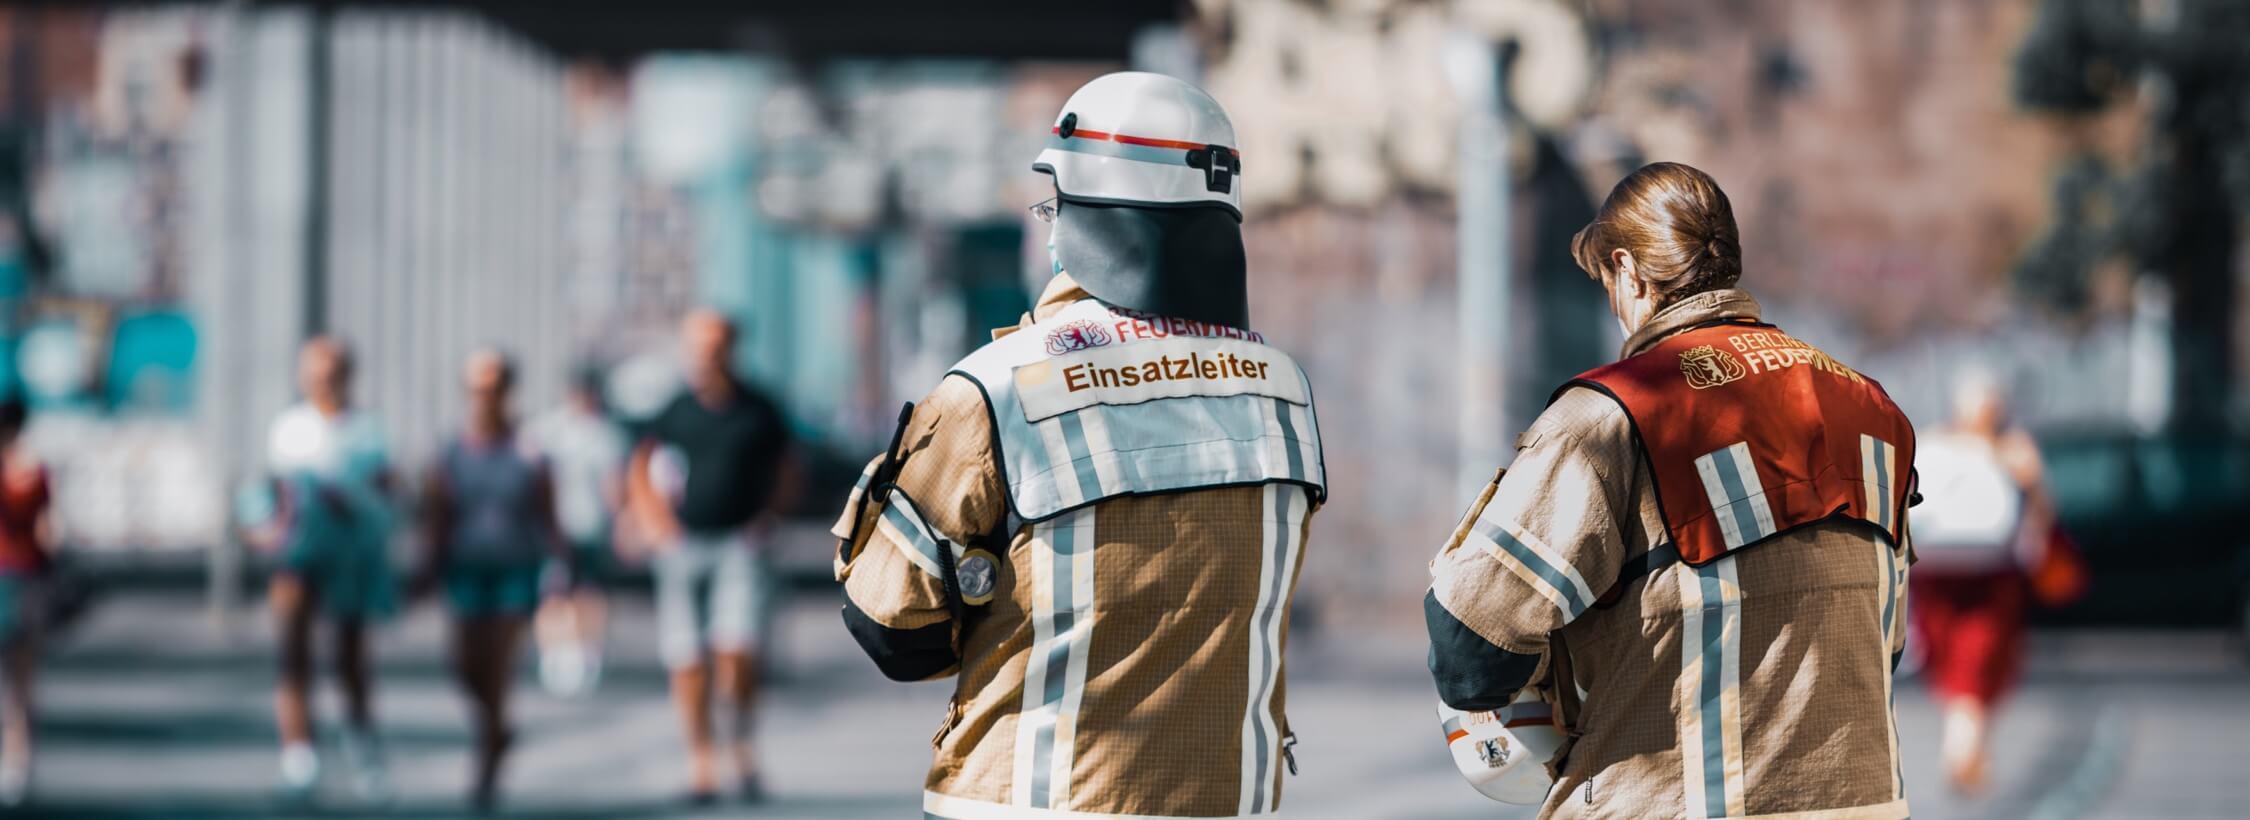 Feuerwehrmann im Einsatz auf Straße von hinten aufgenommen.